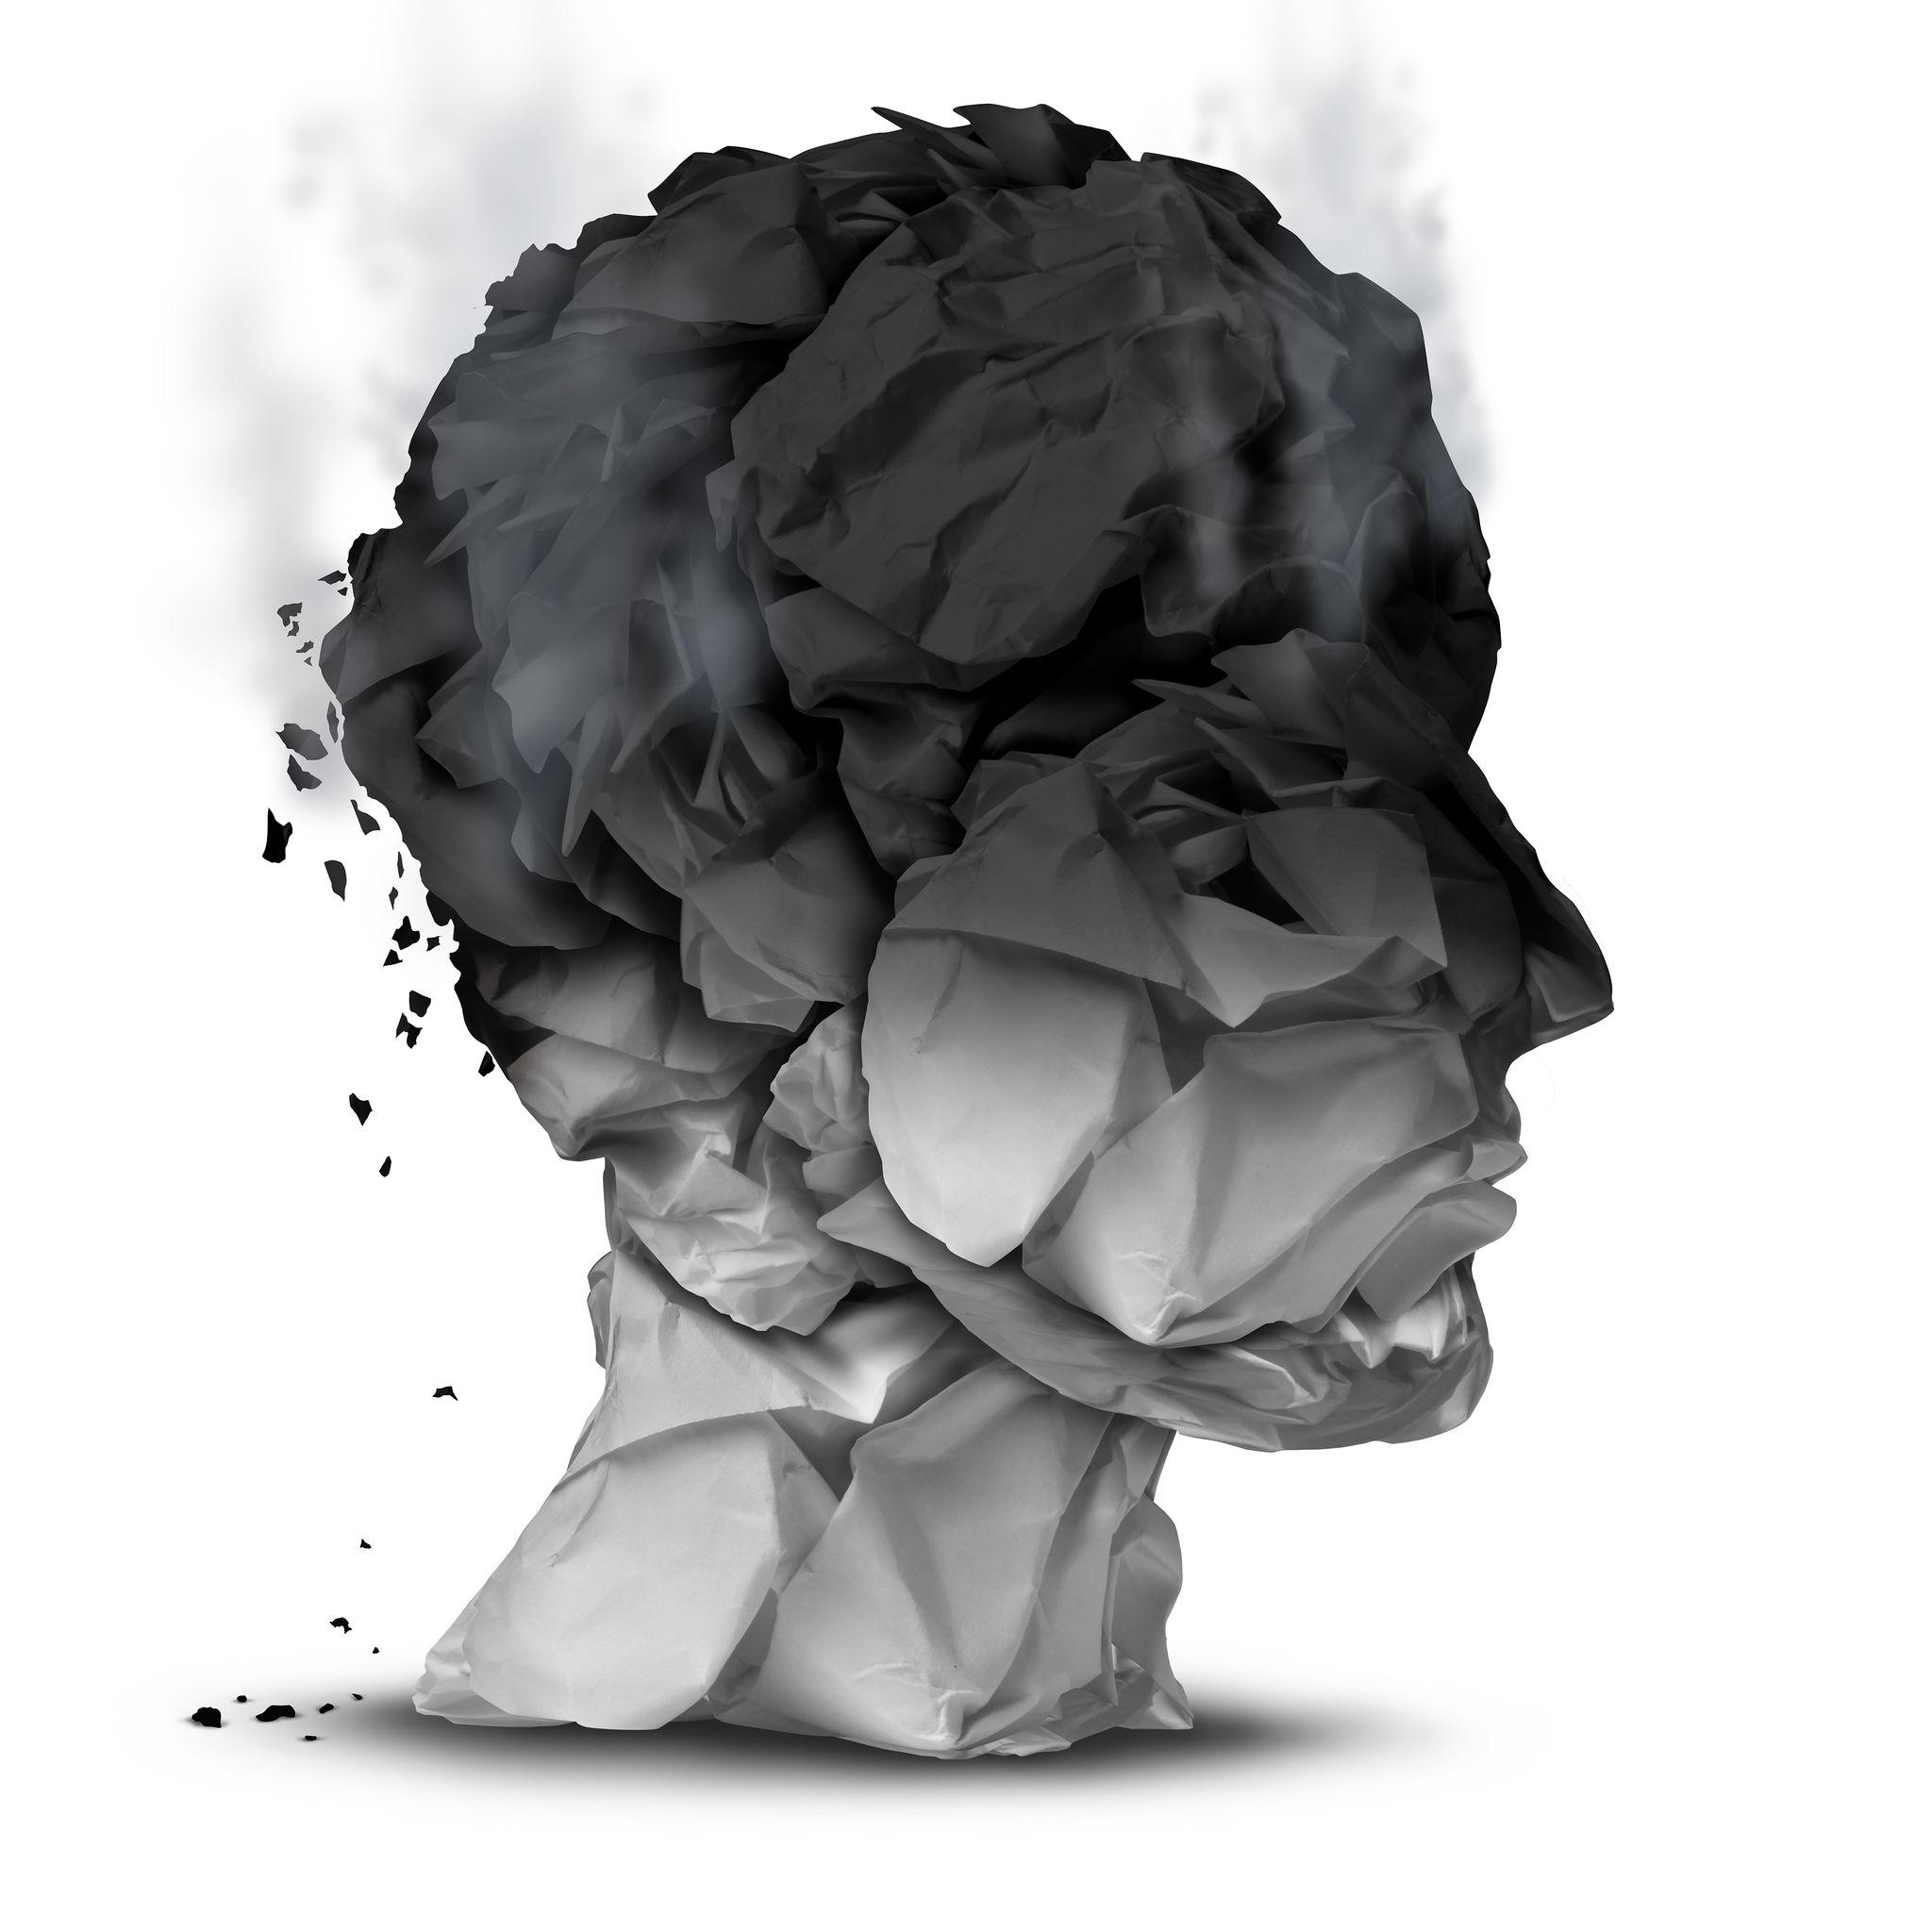 Mensch mit Burnout